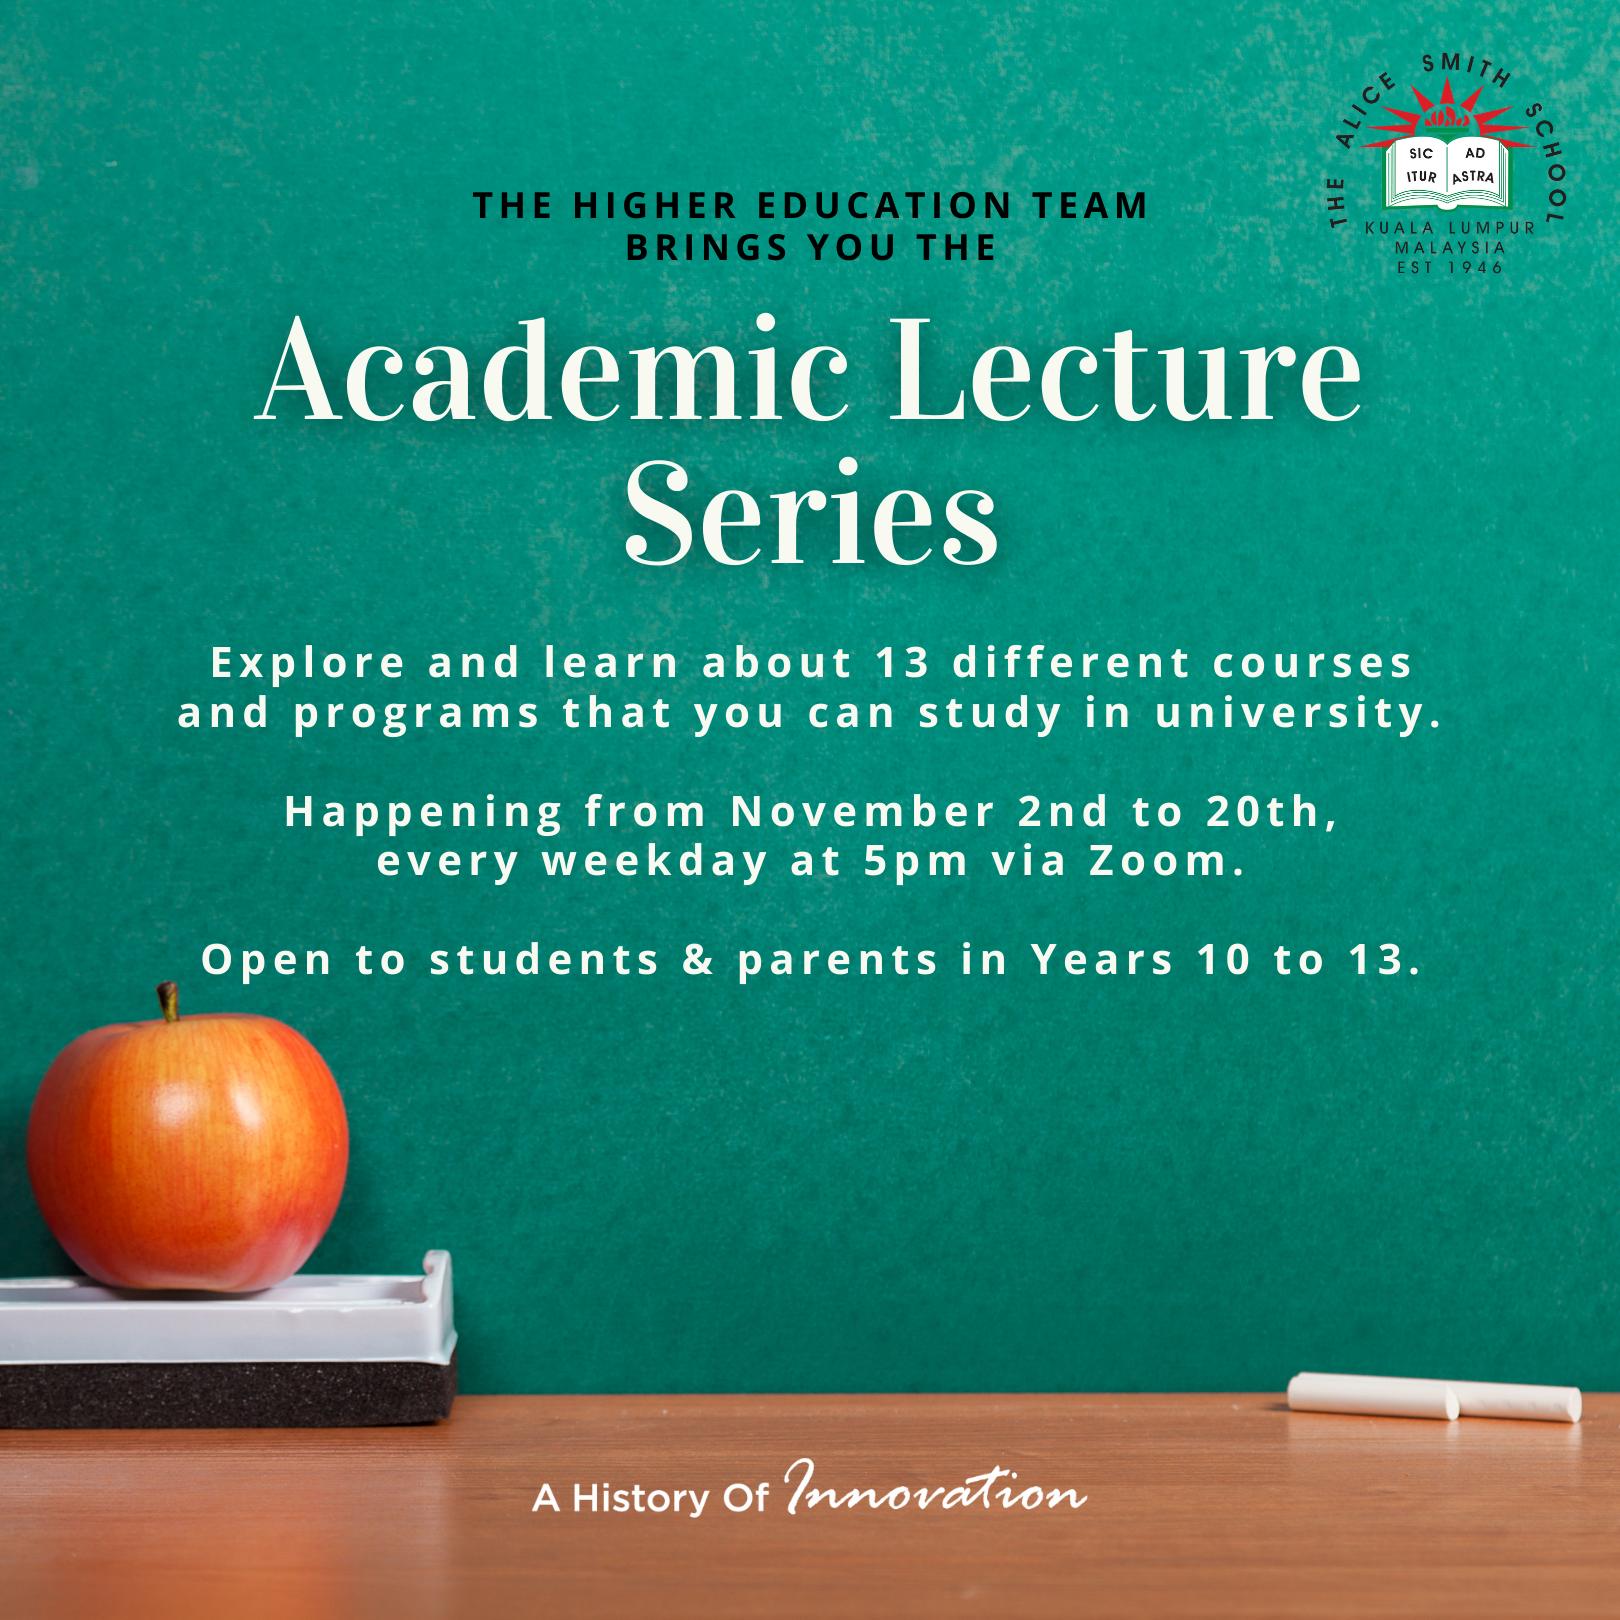 KLASS Academic Lecture Series